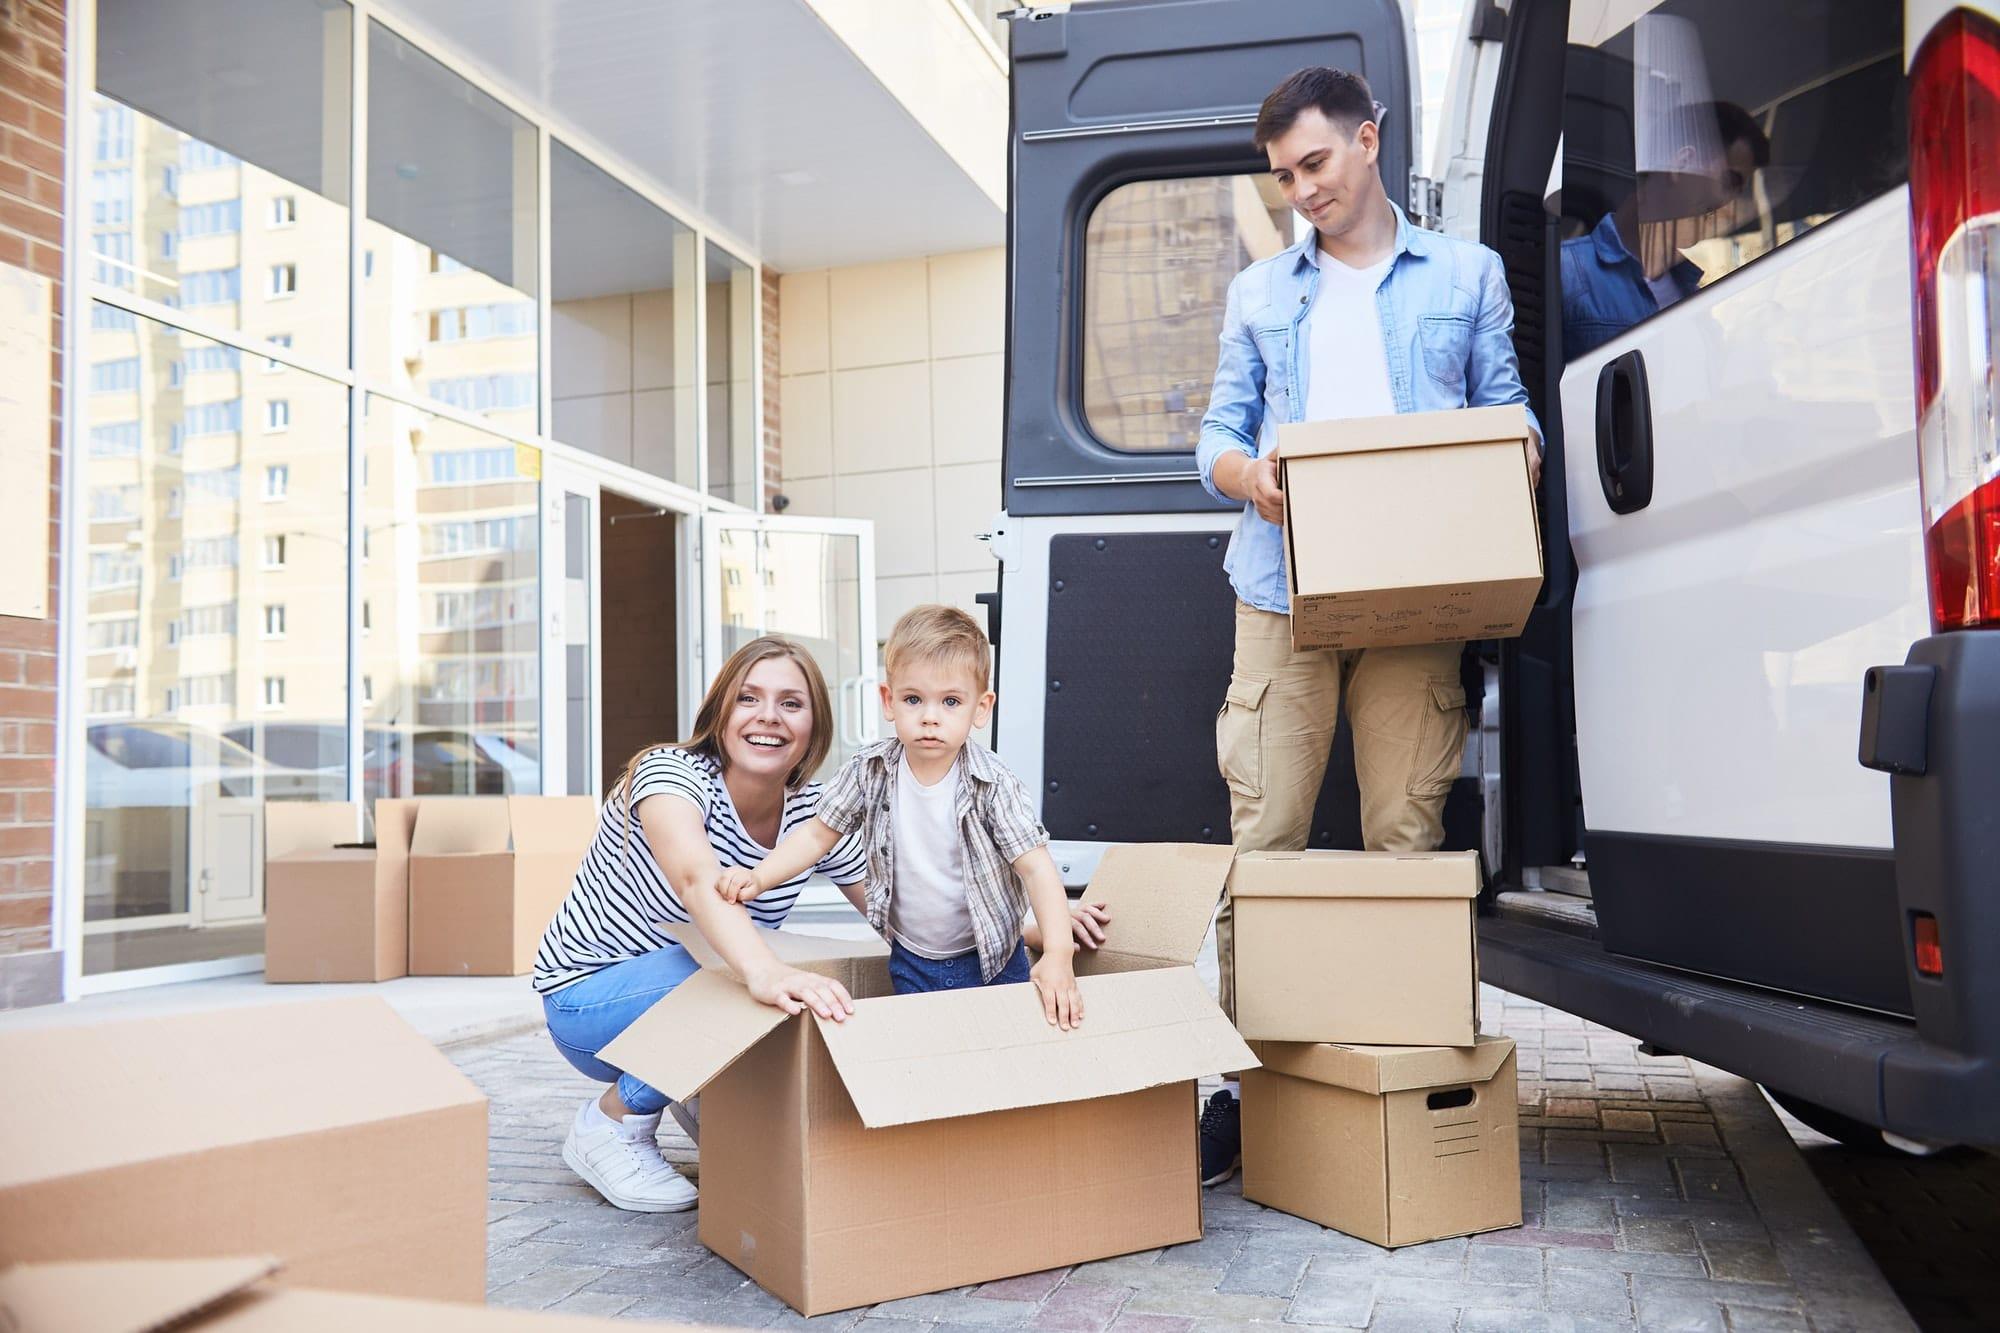 Joyful Family Moving House